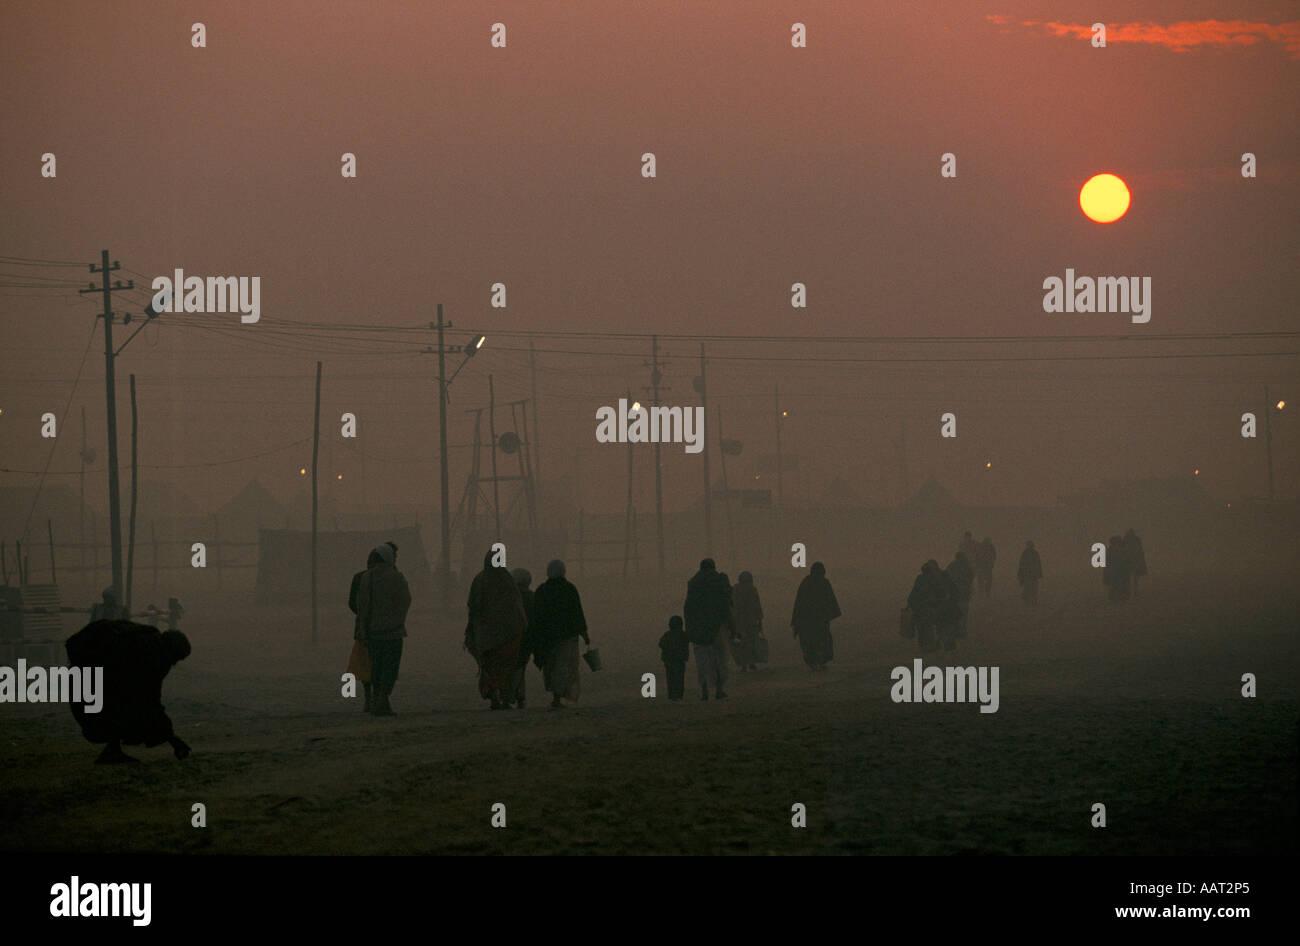 KUMBH MELA INDIA 2001 como el sol se pone el humo de los fuegos de leña hace una espesa niebla peregrinos regresen Foto de stock